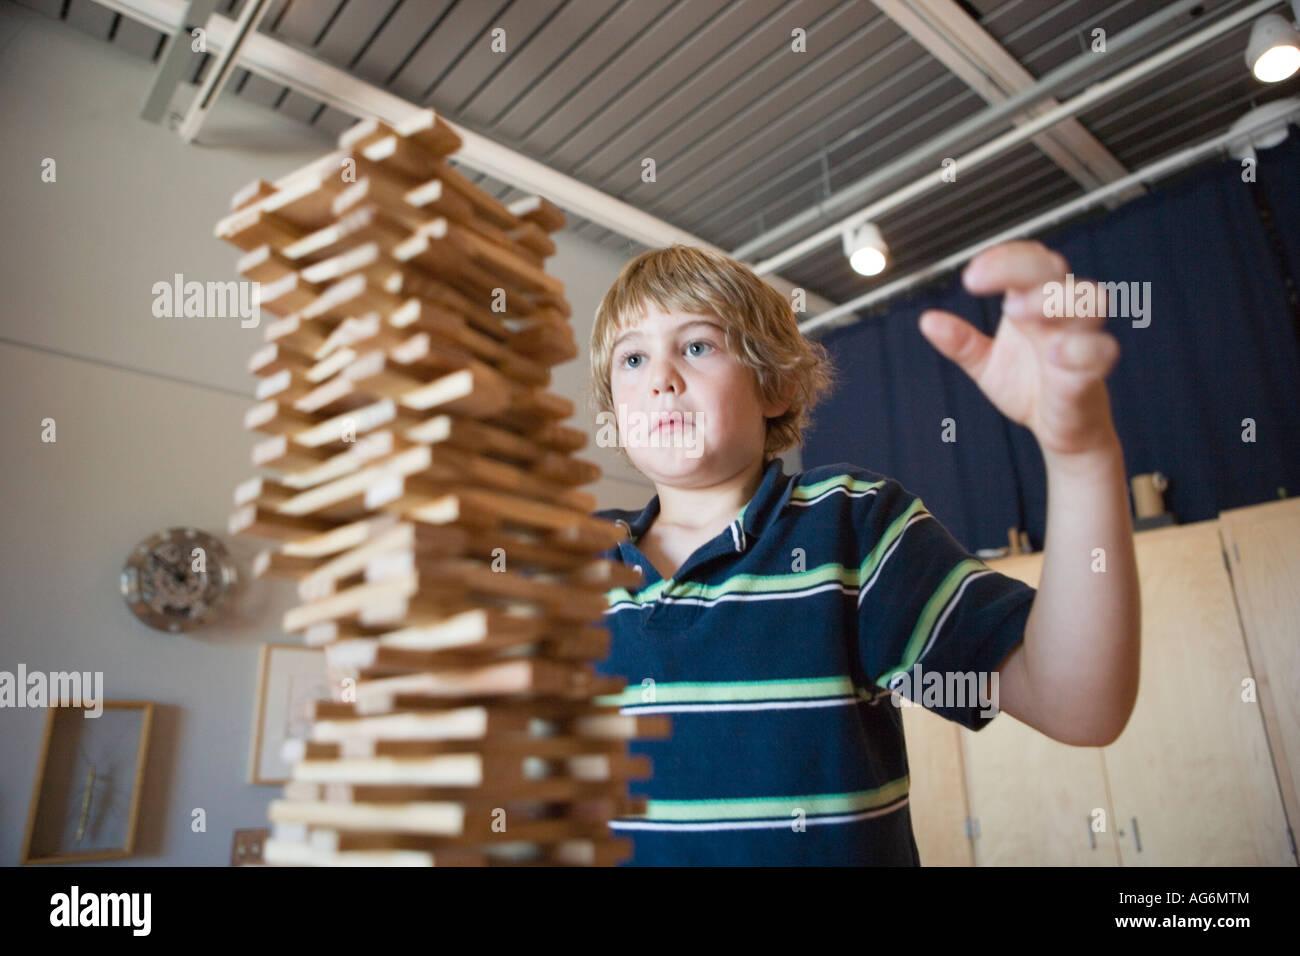 Garçon de huit ans l'empilement de blocs en bois aussi élevé qu'il peut regarder, de s'assurer Photo Stock